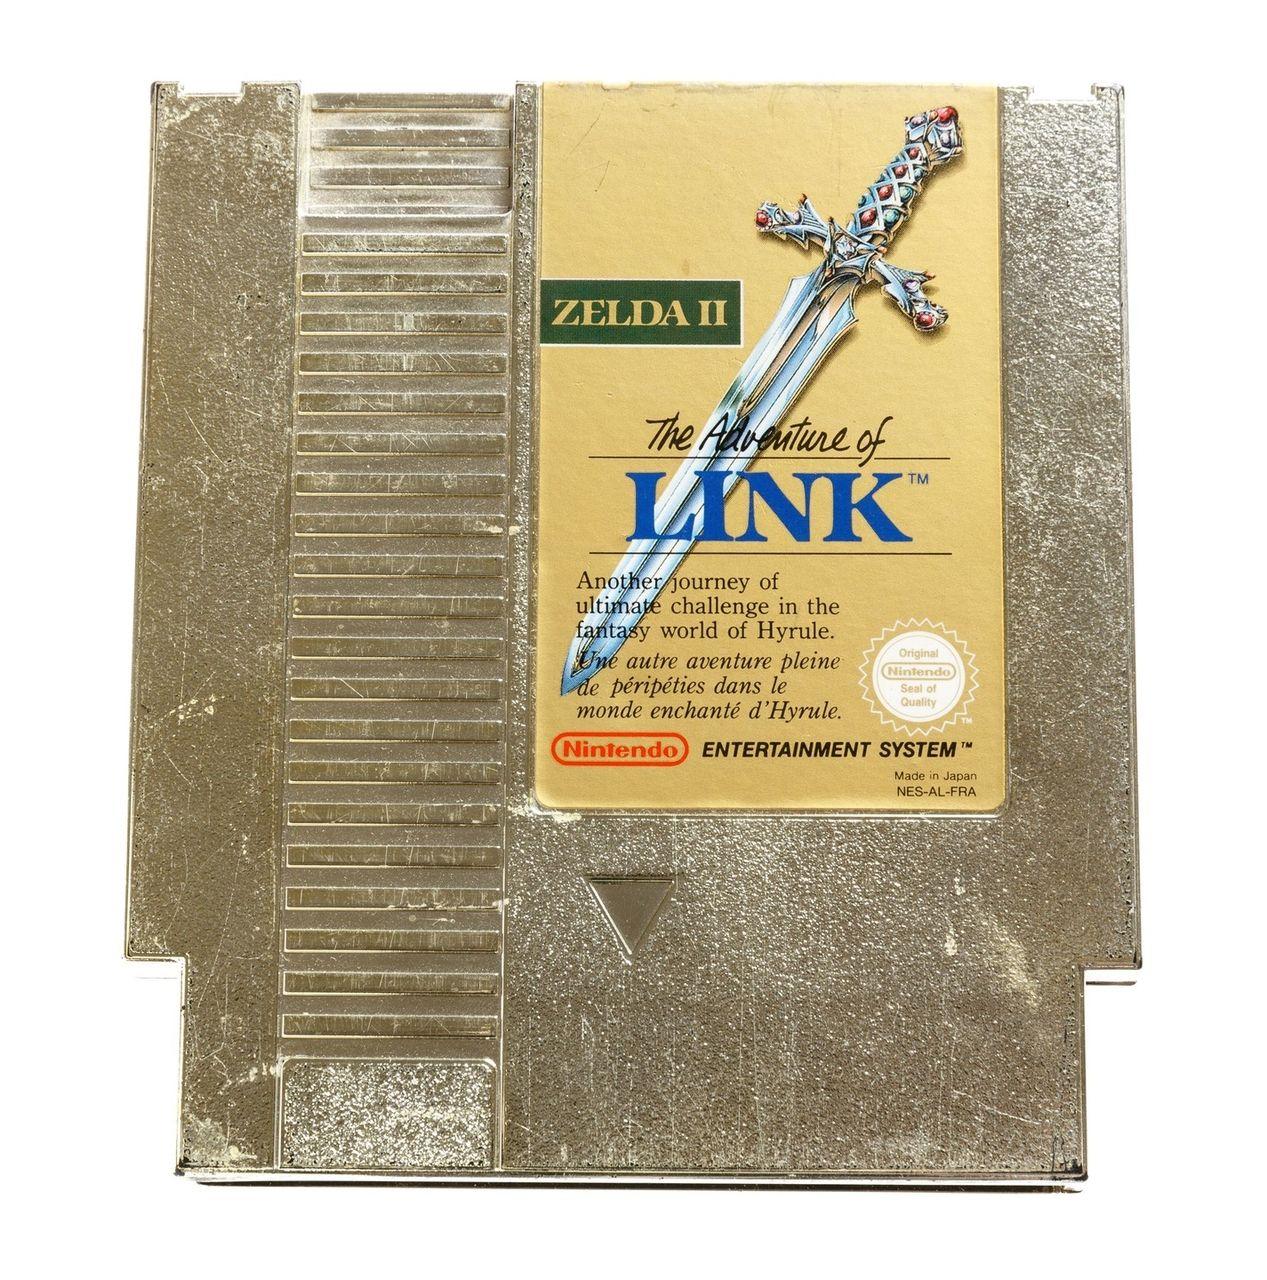 La fameuse cartouche dorée de Zelda 2 The Adventure of Link. Caractéristique que l'on trouvait également avec la cartouche de The Legend Of Zelda #GuiDaFunkyMan #zelda2 #ZeldaTheAdventureOfLink #NES #Nintendo #retrogaming #retrogamer #retrogames #ZeldaRetro